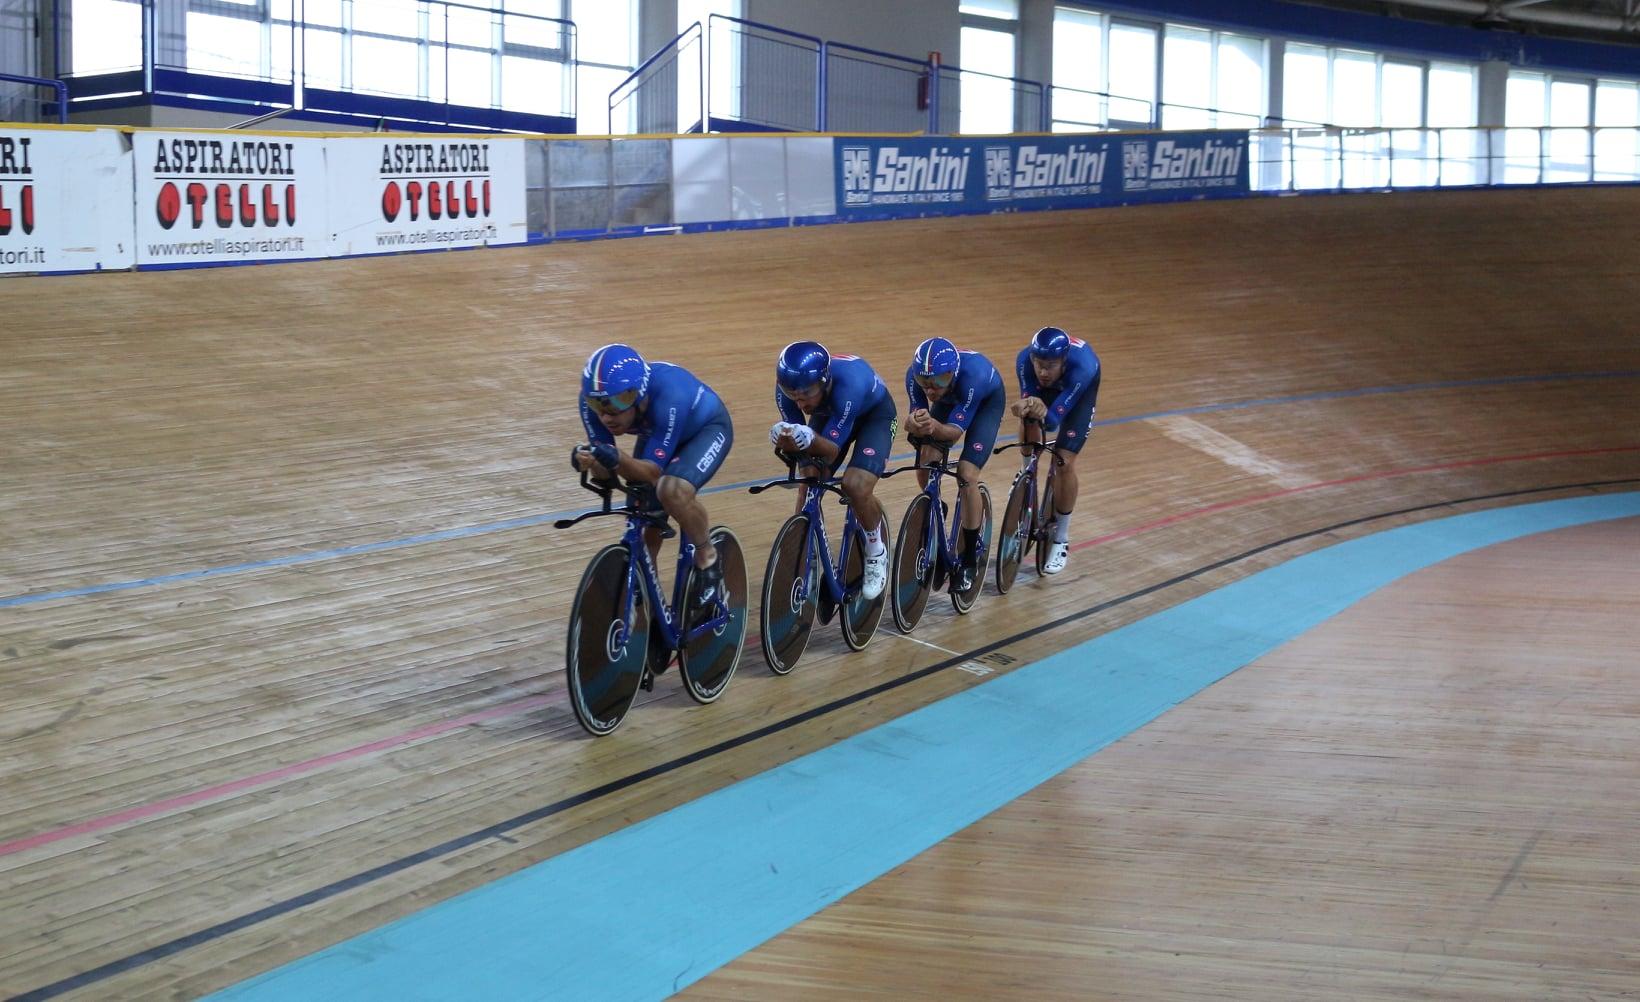 LIVE Olimpiadi Tokyo, liveblog in DIRETTA: bene Manfredi Rizza, record del mondo nei 400 hs